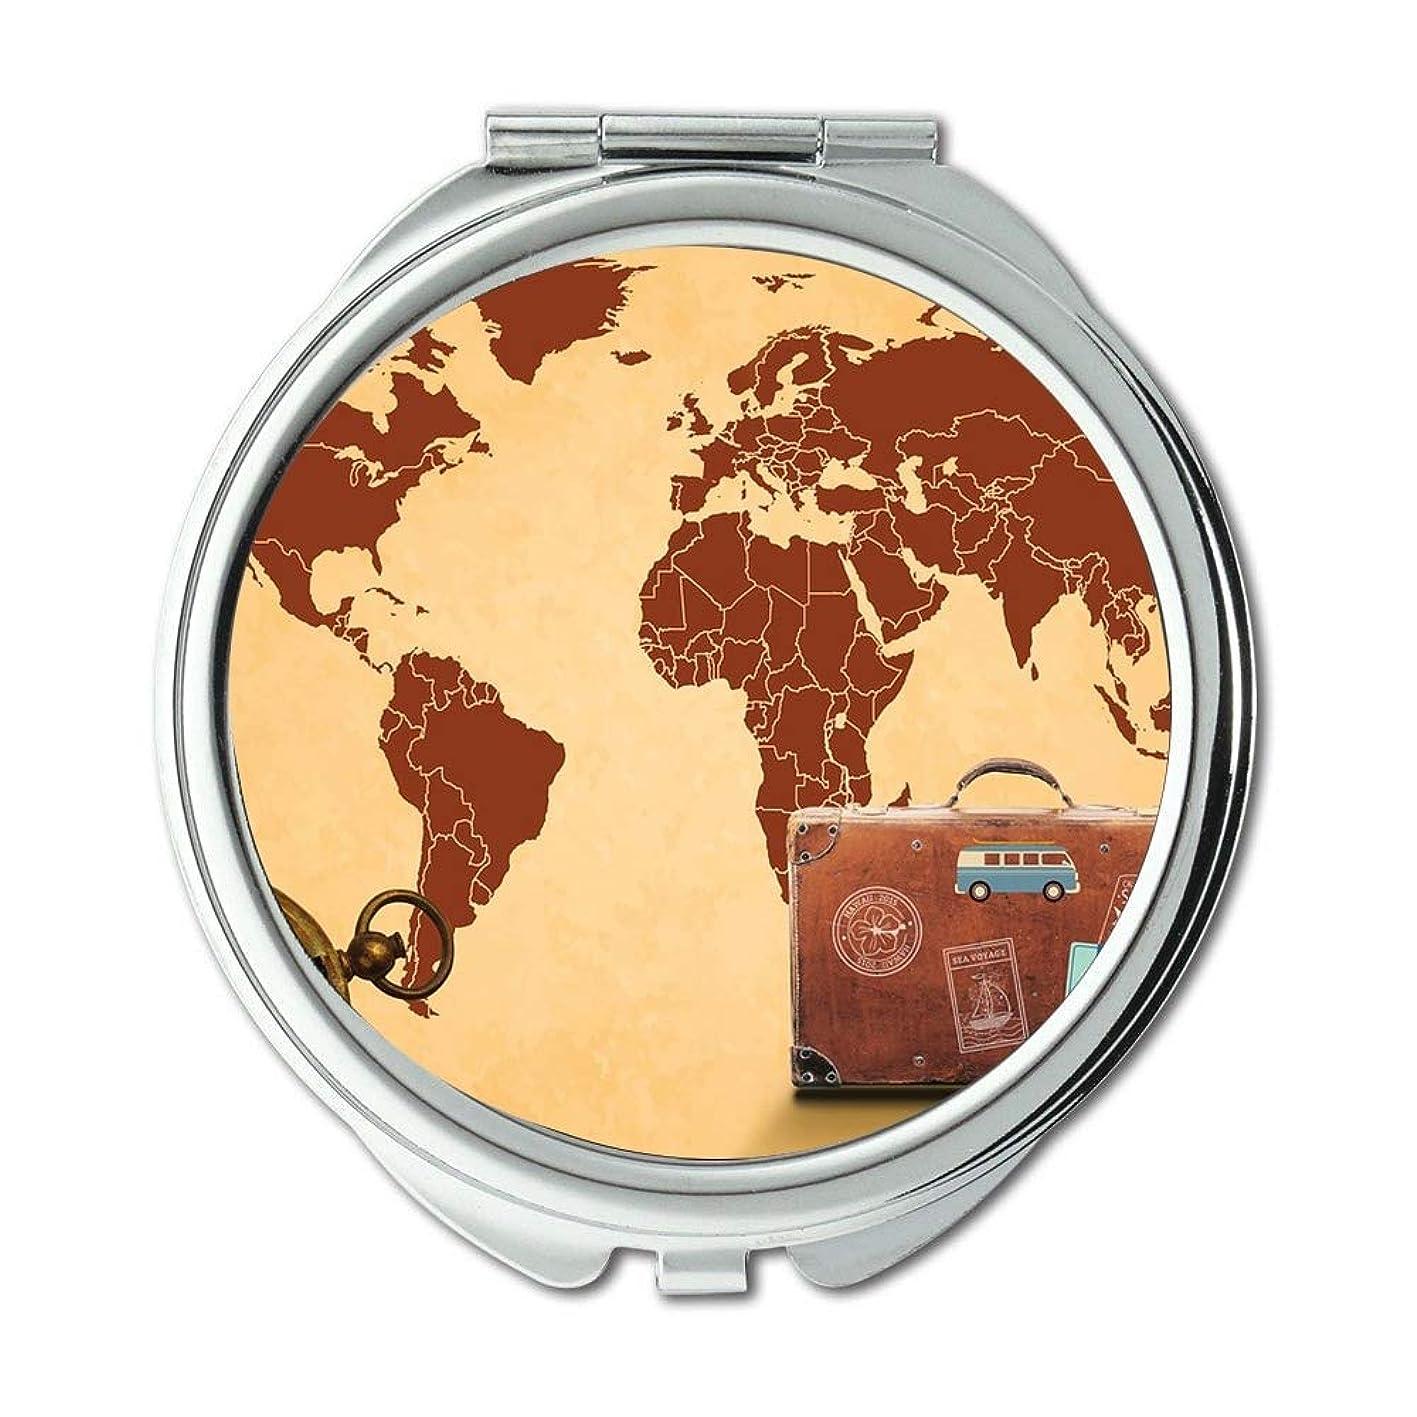 約束する移行する簡単にポケットミラー、コンパクトミラーラウンドコンパクトミラー男性/女性MT 054のための両面、世界の地図の財布のミラー